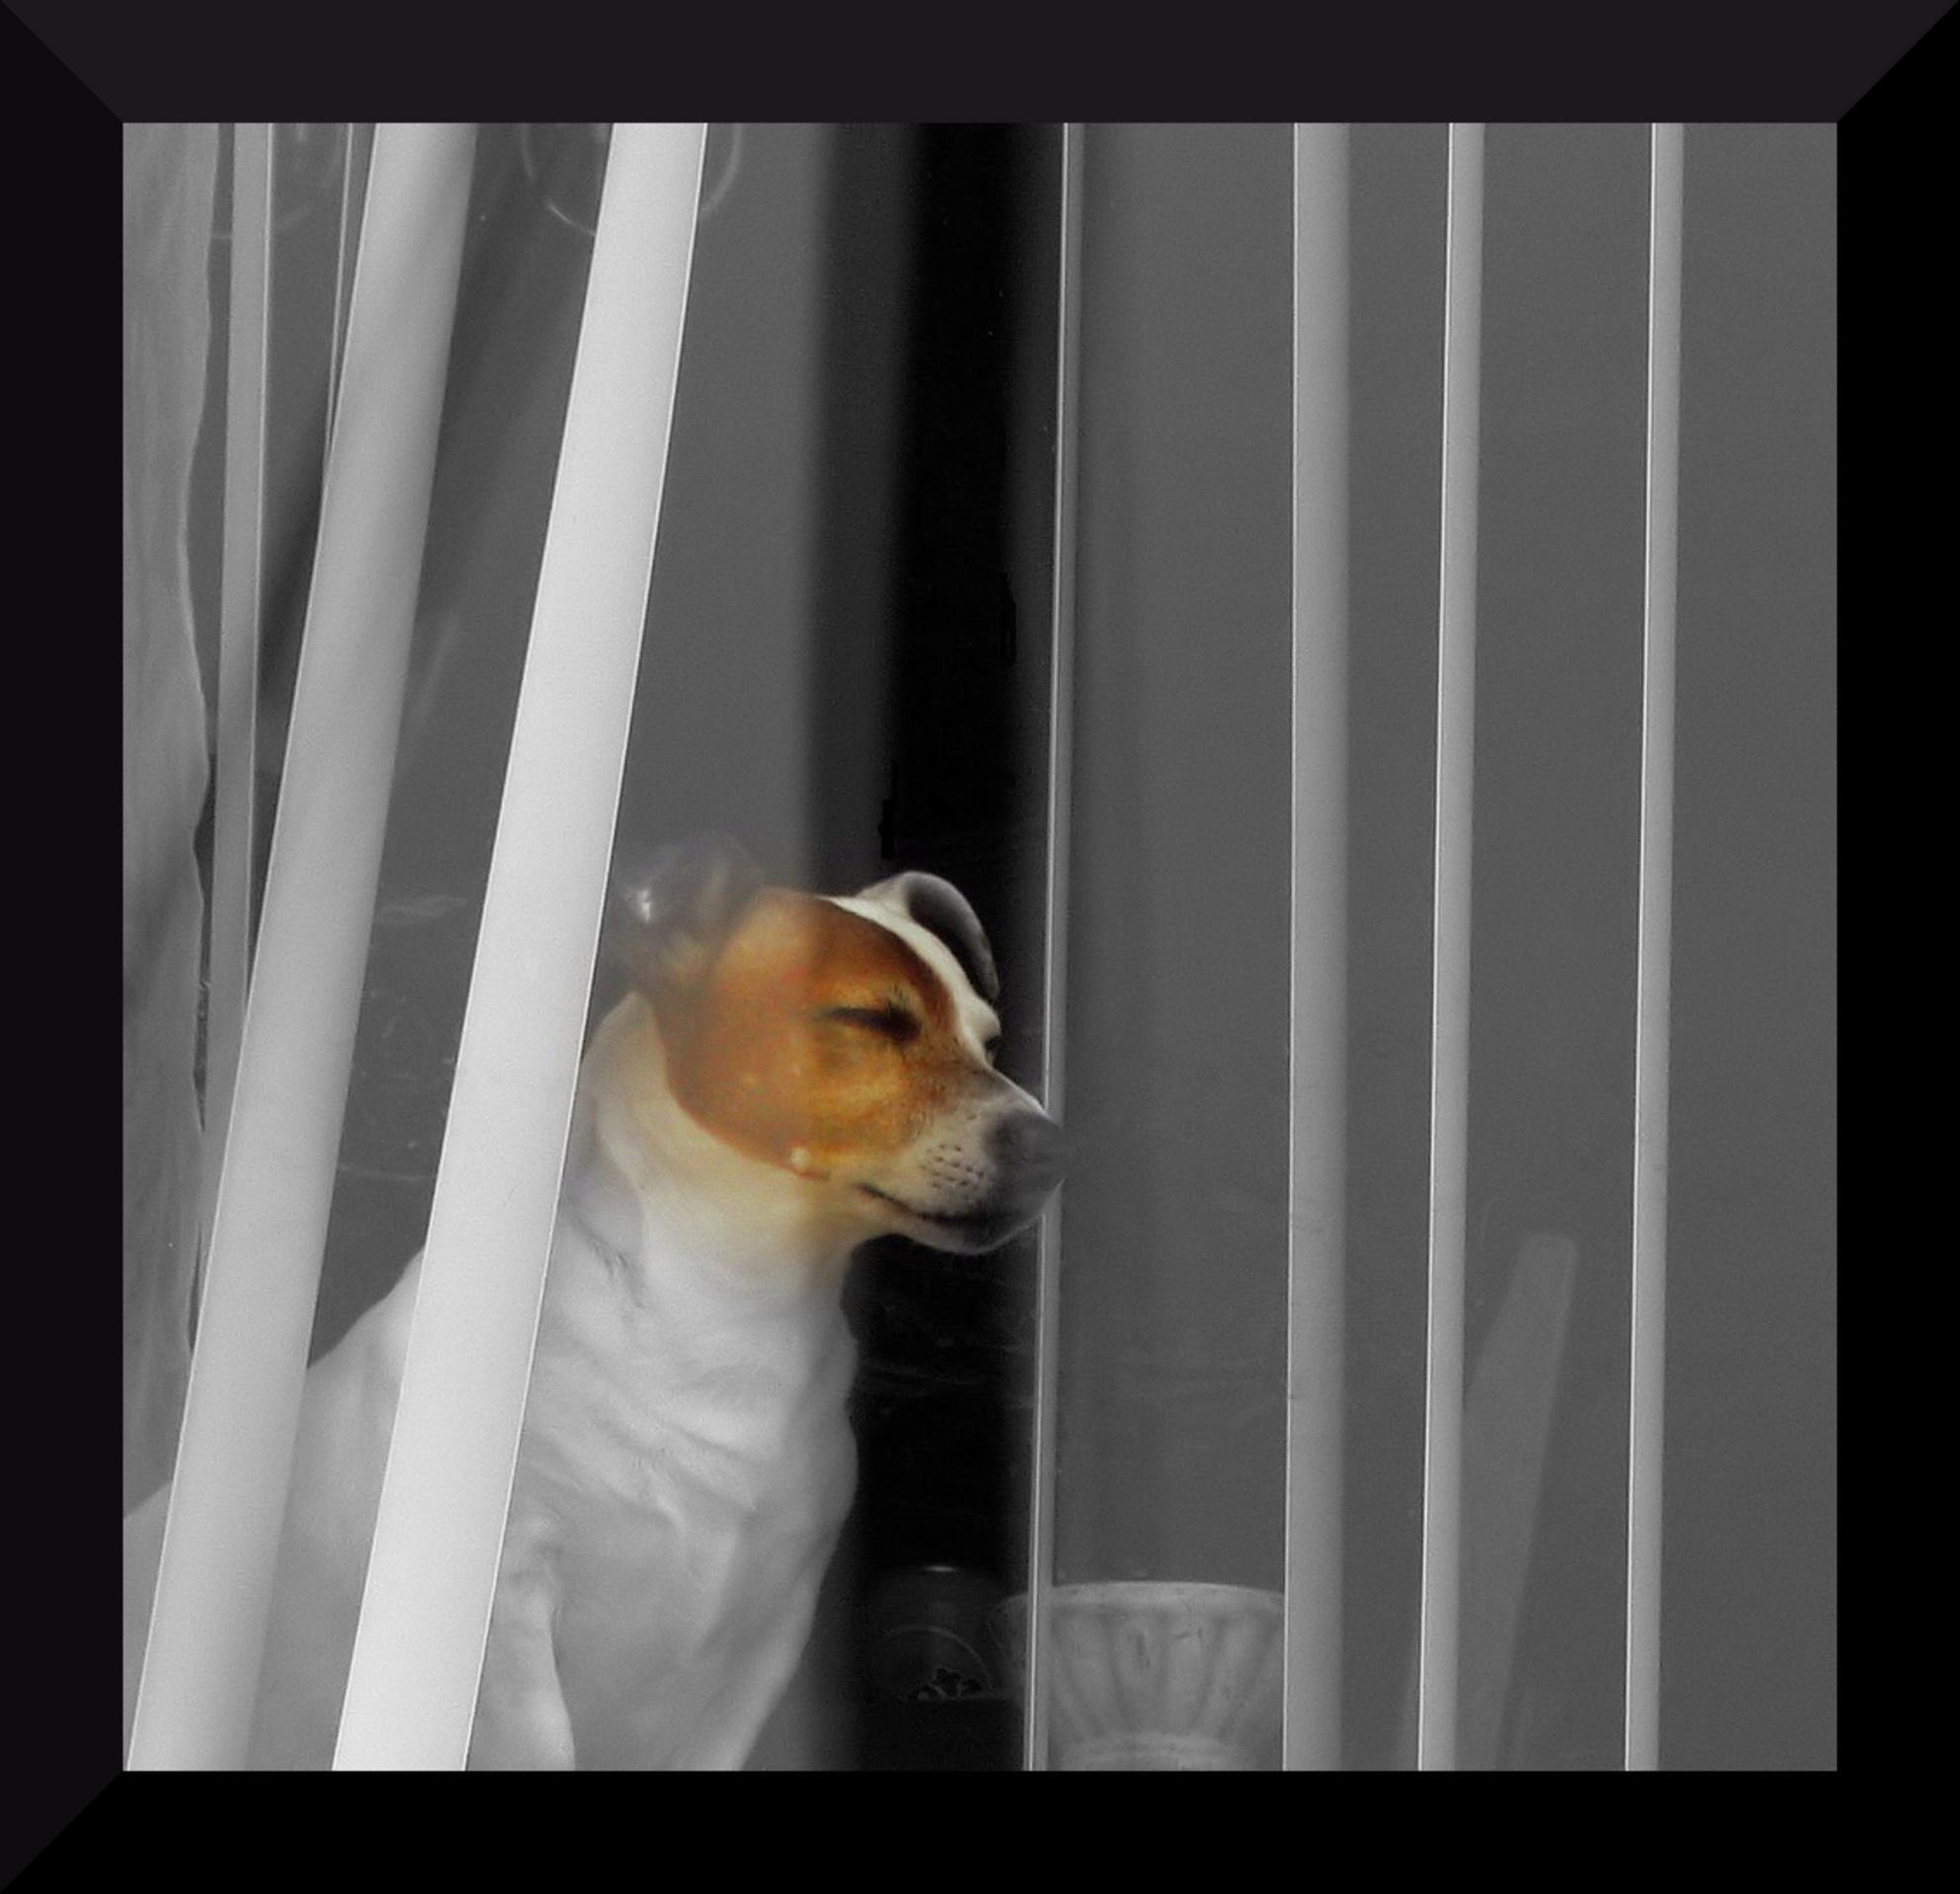 Dog life - - - foto door simonpieter op 25-03-2009 - deze foto bevat: hond